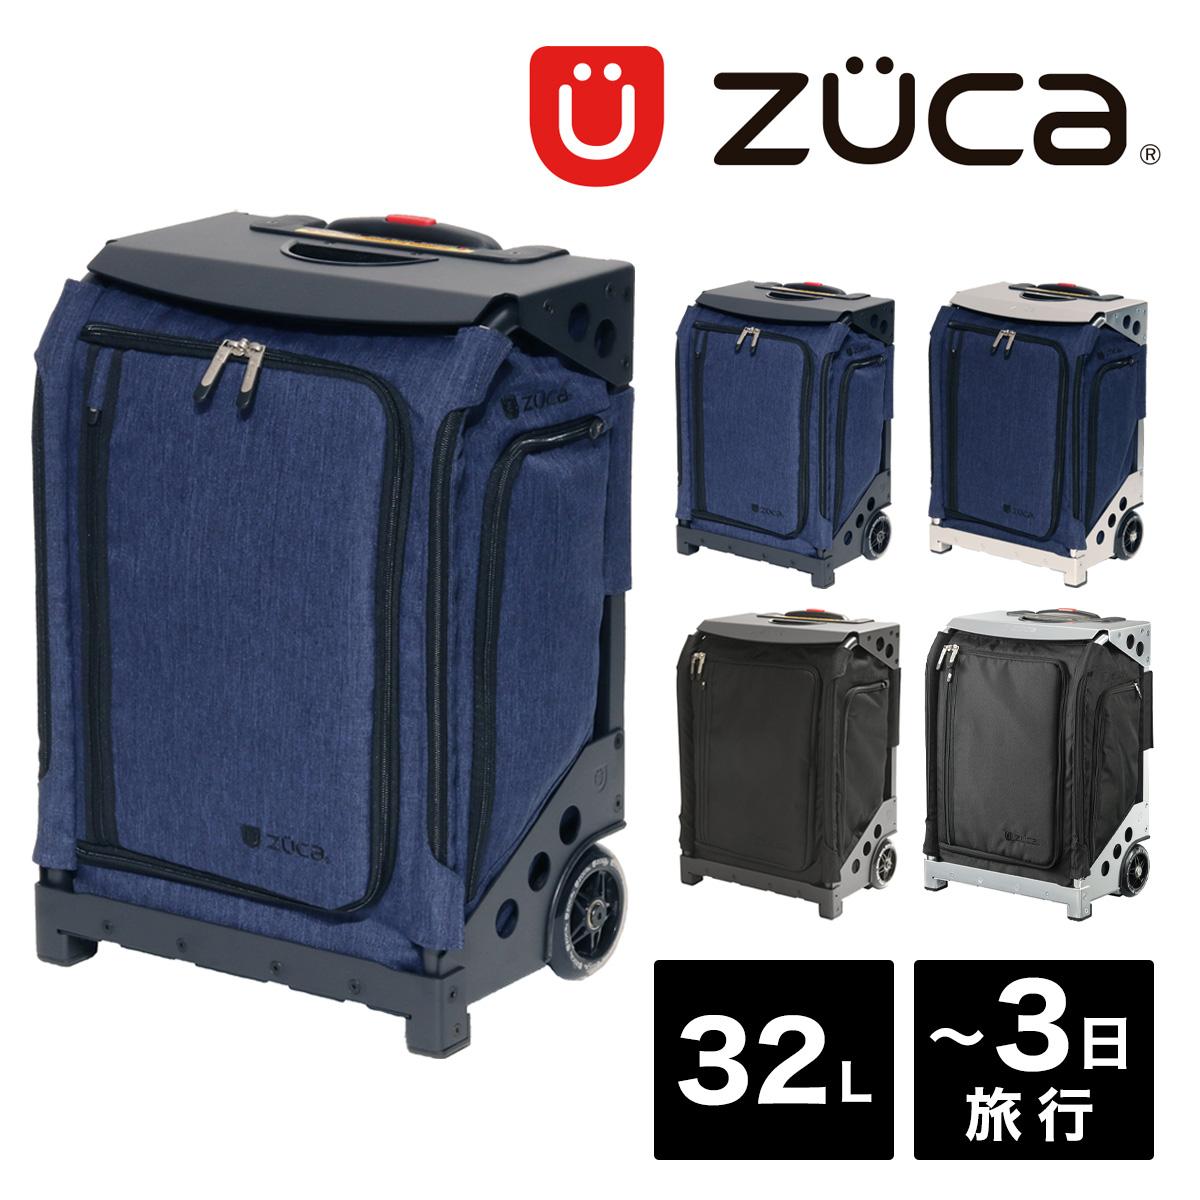 ズーカ スーツケース 3300 NAVIGATOR ZUCA ナビゲーター キャリーケース キャリーバッグ ソフトキャリー 機内持ち込み【PO10】【bef】